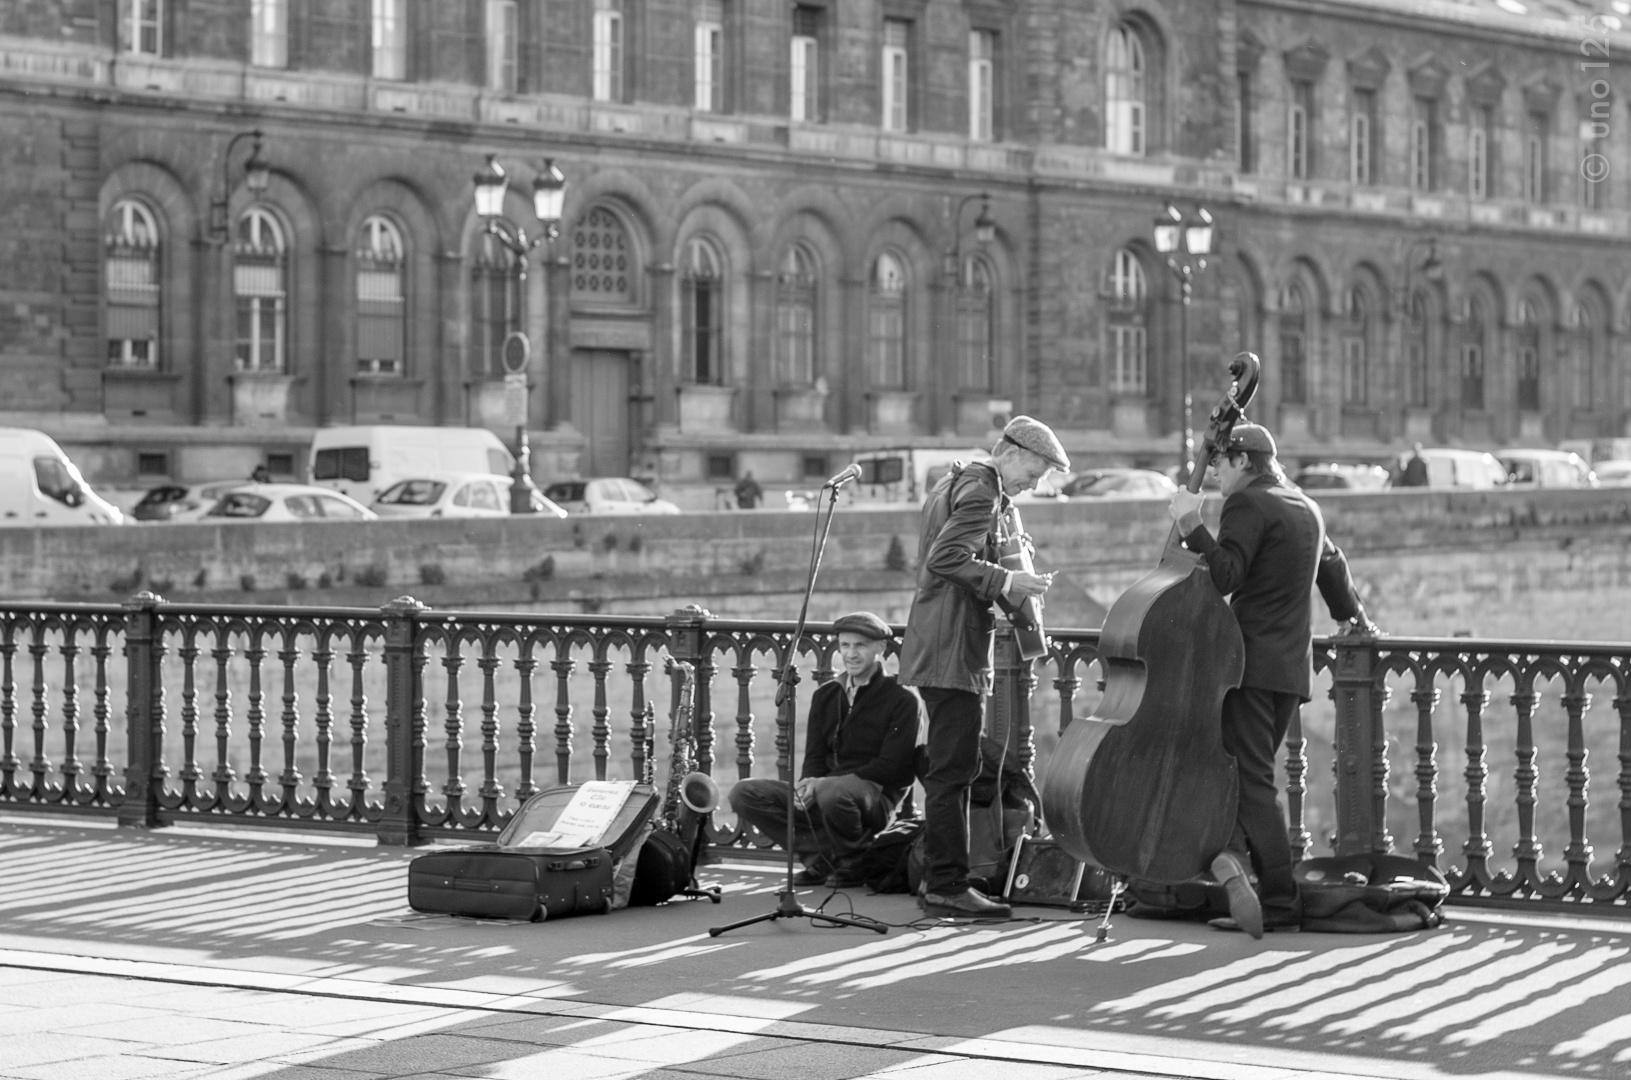 Few days in Paris by uno125